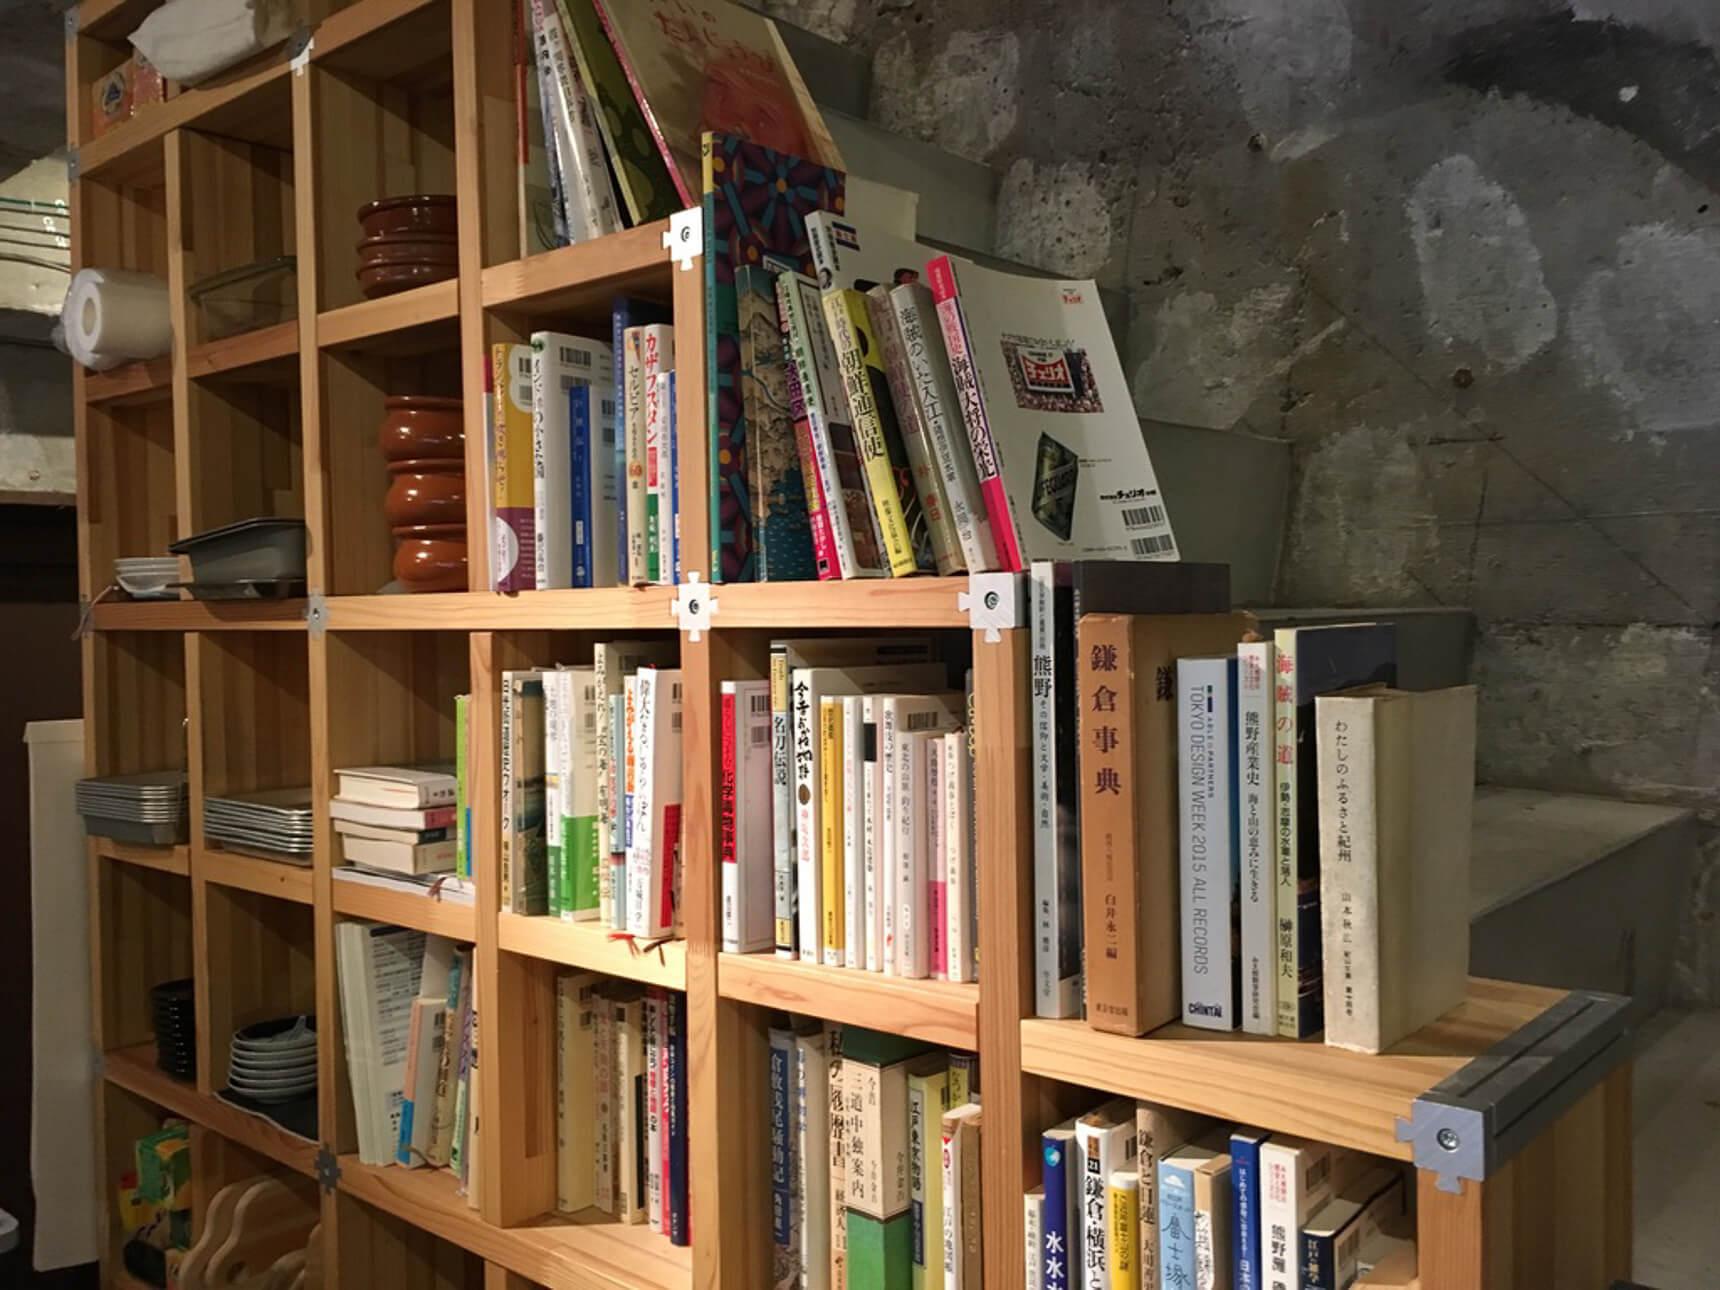 小さなスペースも利用して、テーマに合わせてセレクトされた本がたくさん並びます